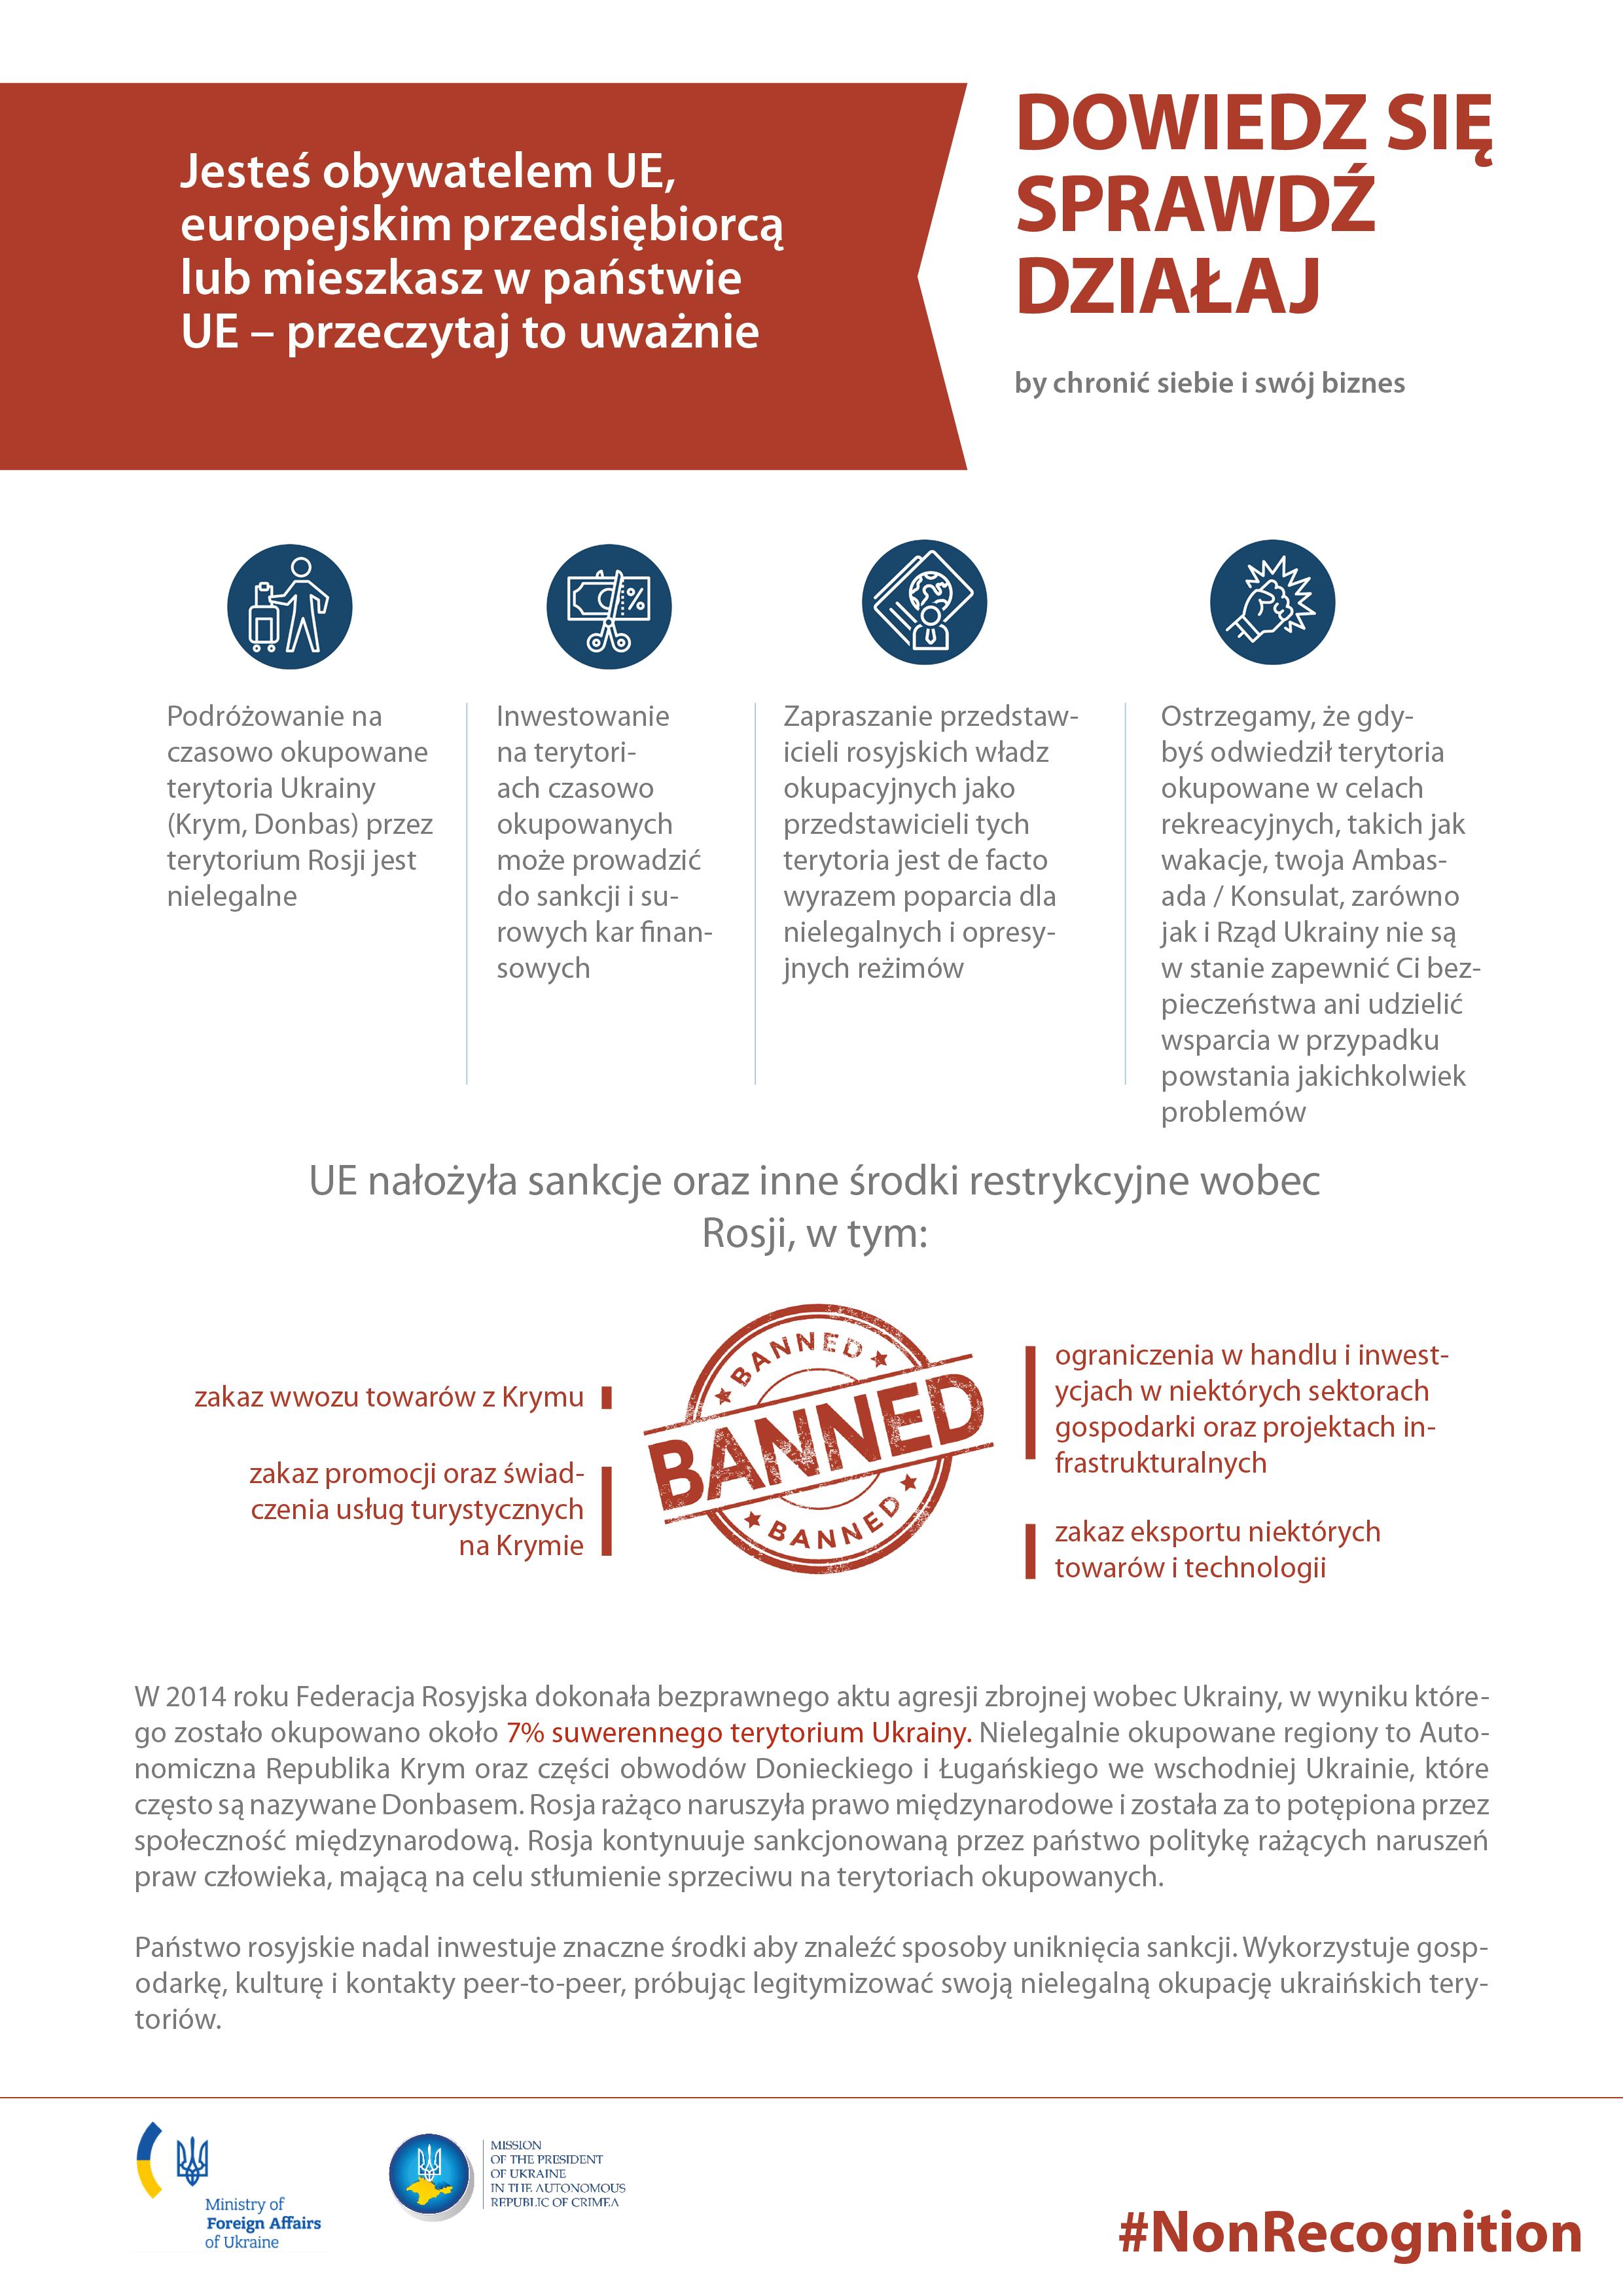 польща - #learncheckact: dowiedz się - sprawdż - działaj by uchronić siebie i swój biznes przed sankcjami